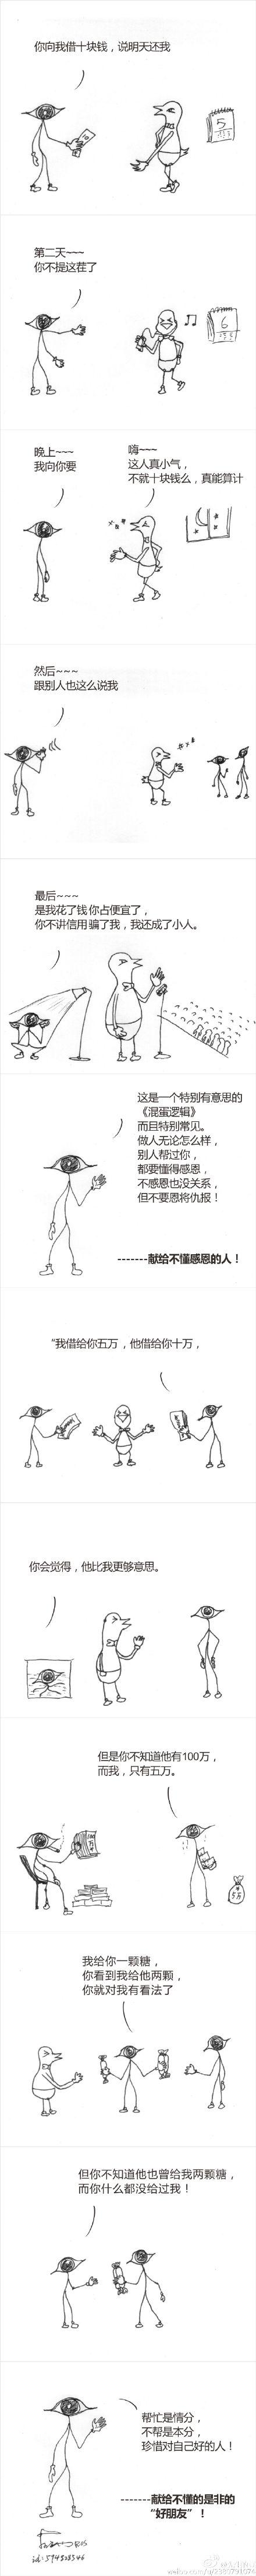 《中国式思维》之混蛋思维 - 酒鬼鼠  - 酒鬼鼠